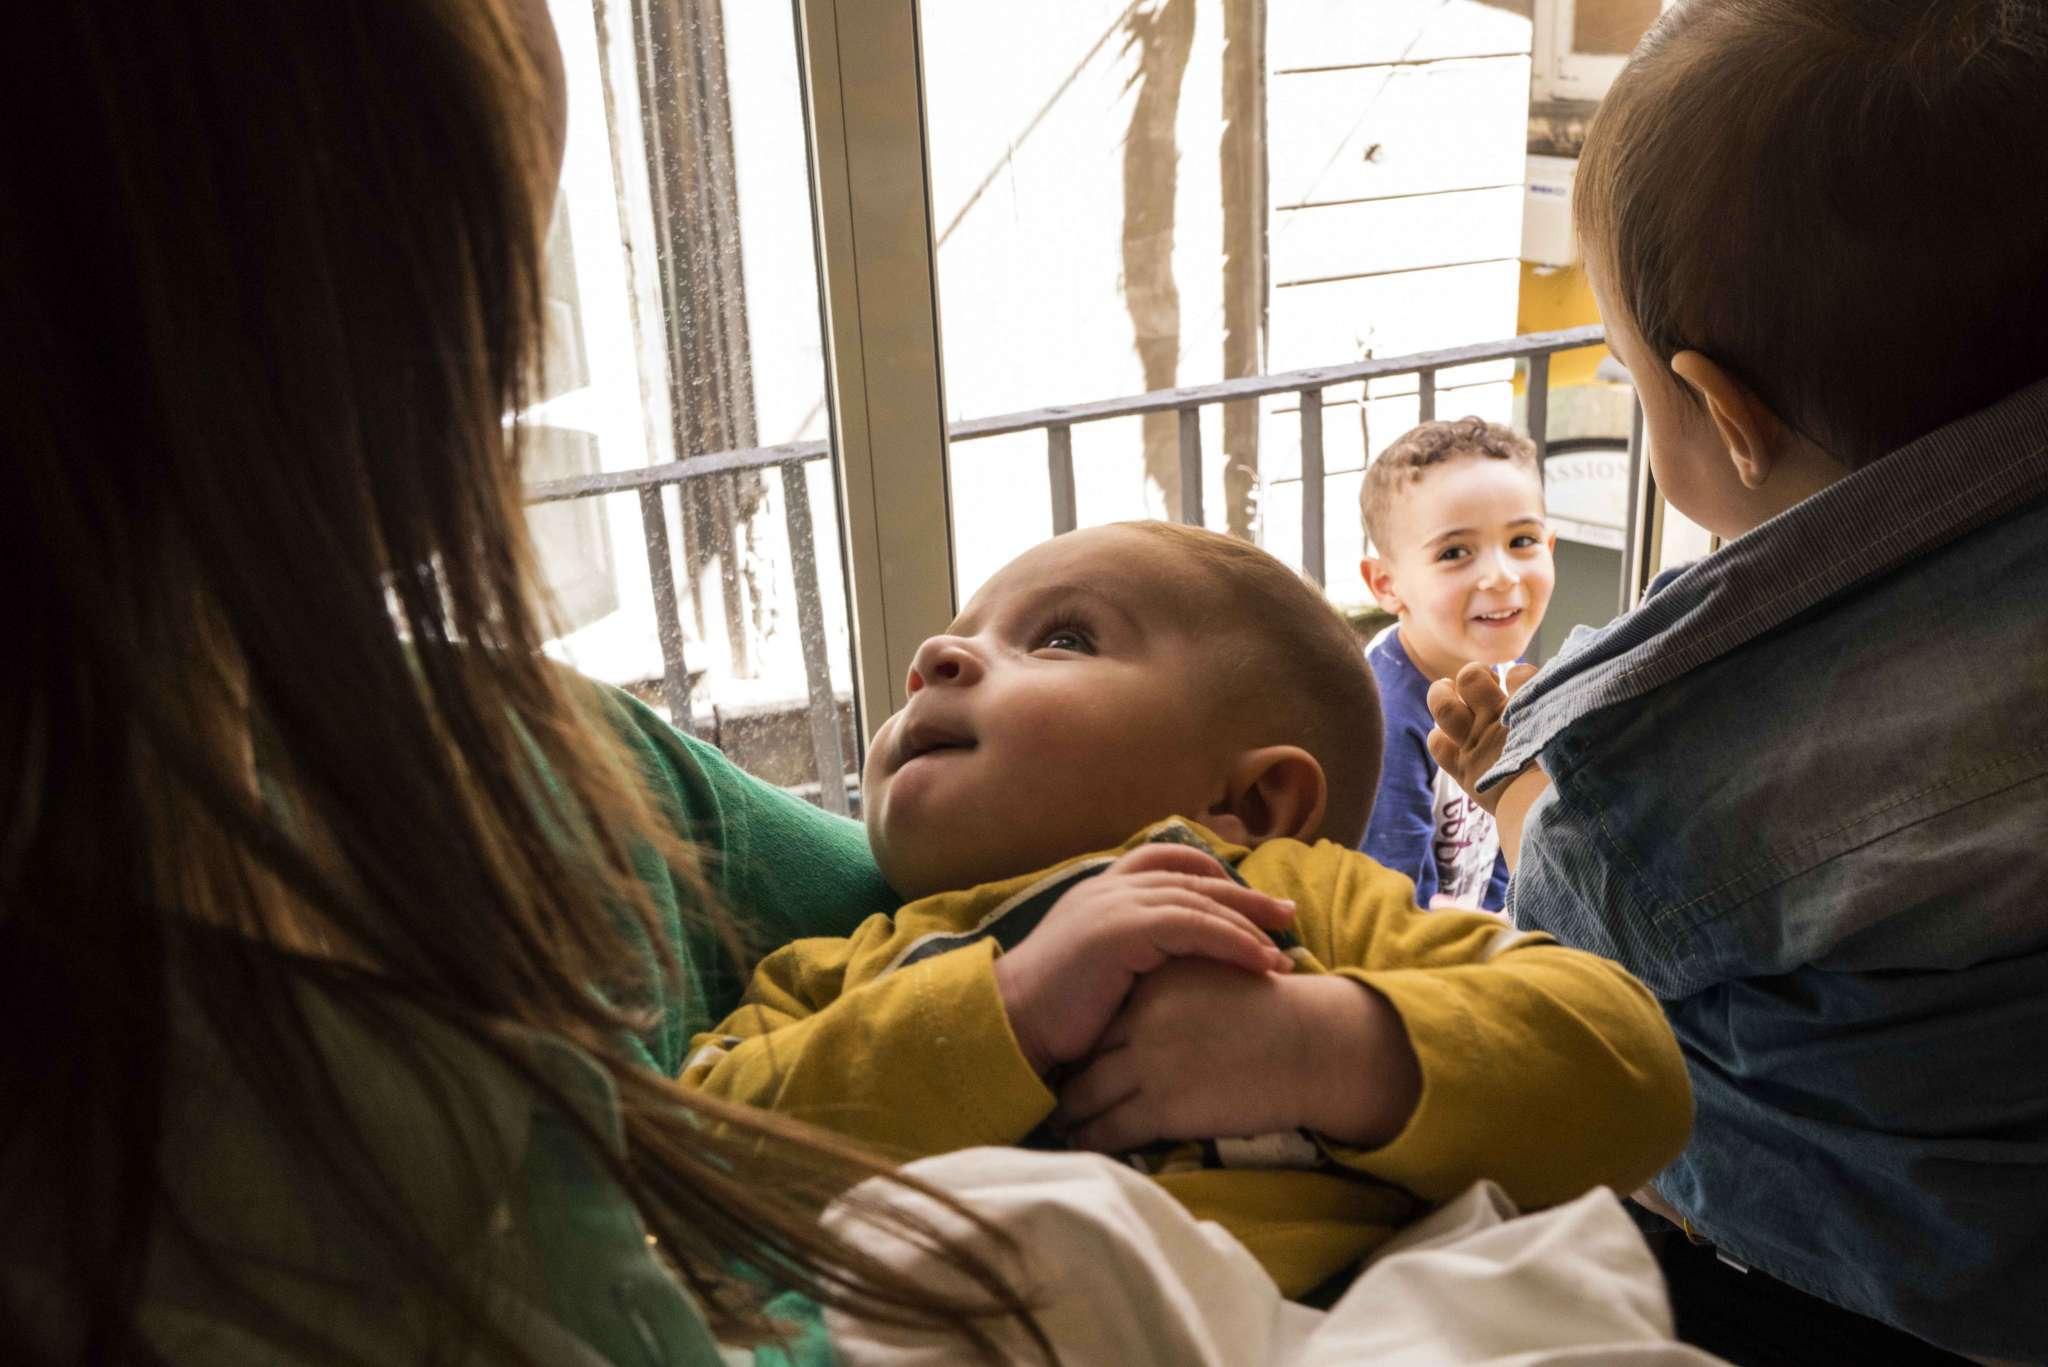 Bambino in braccio a mamma